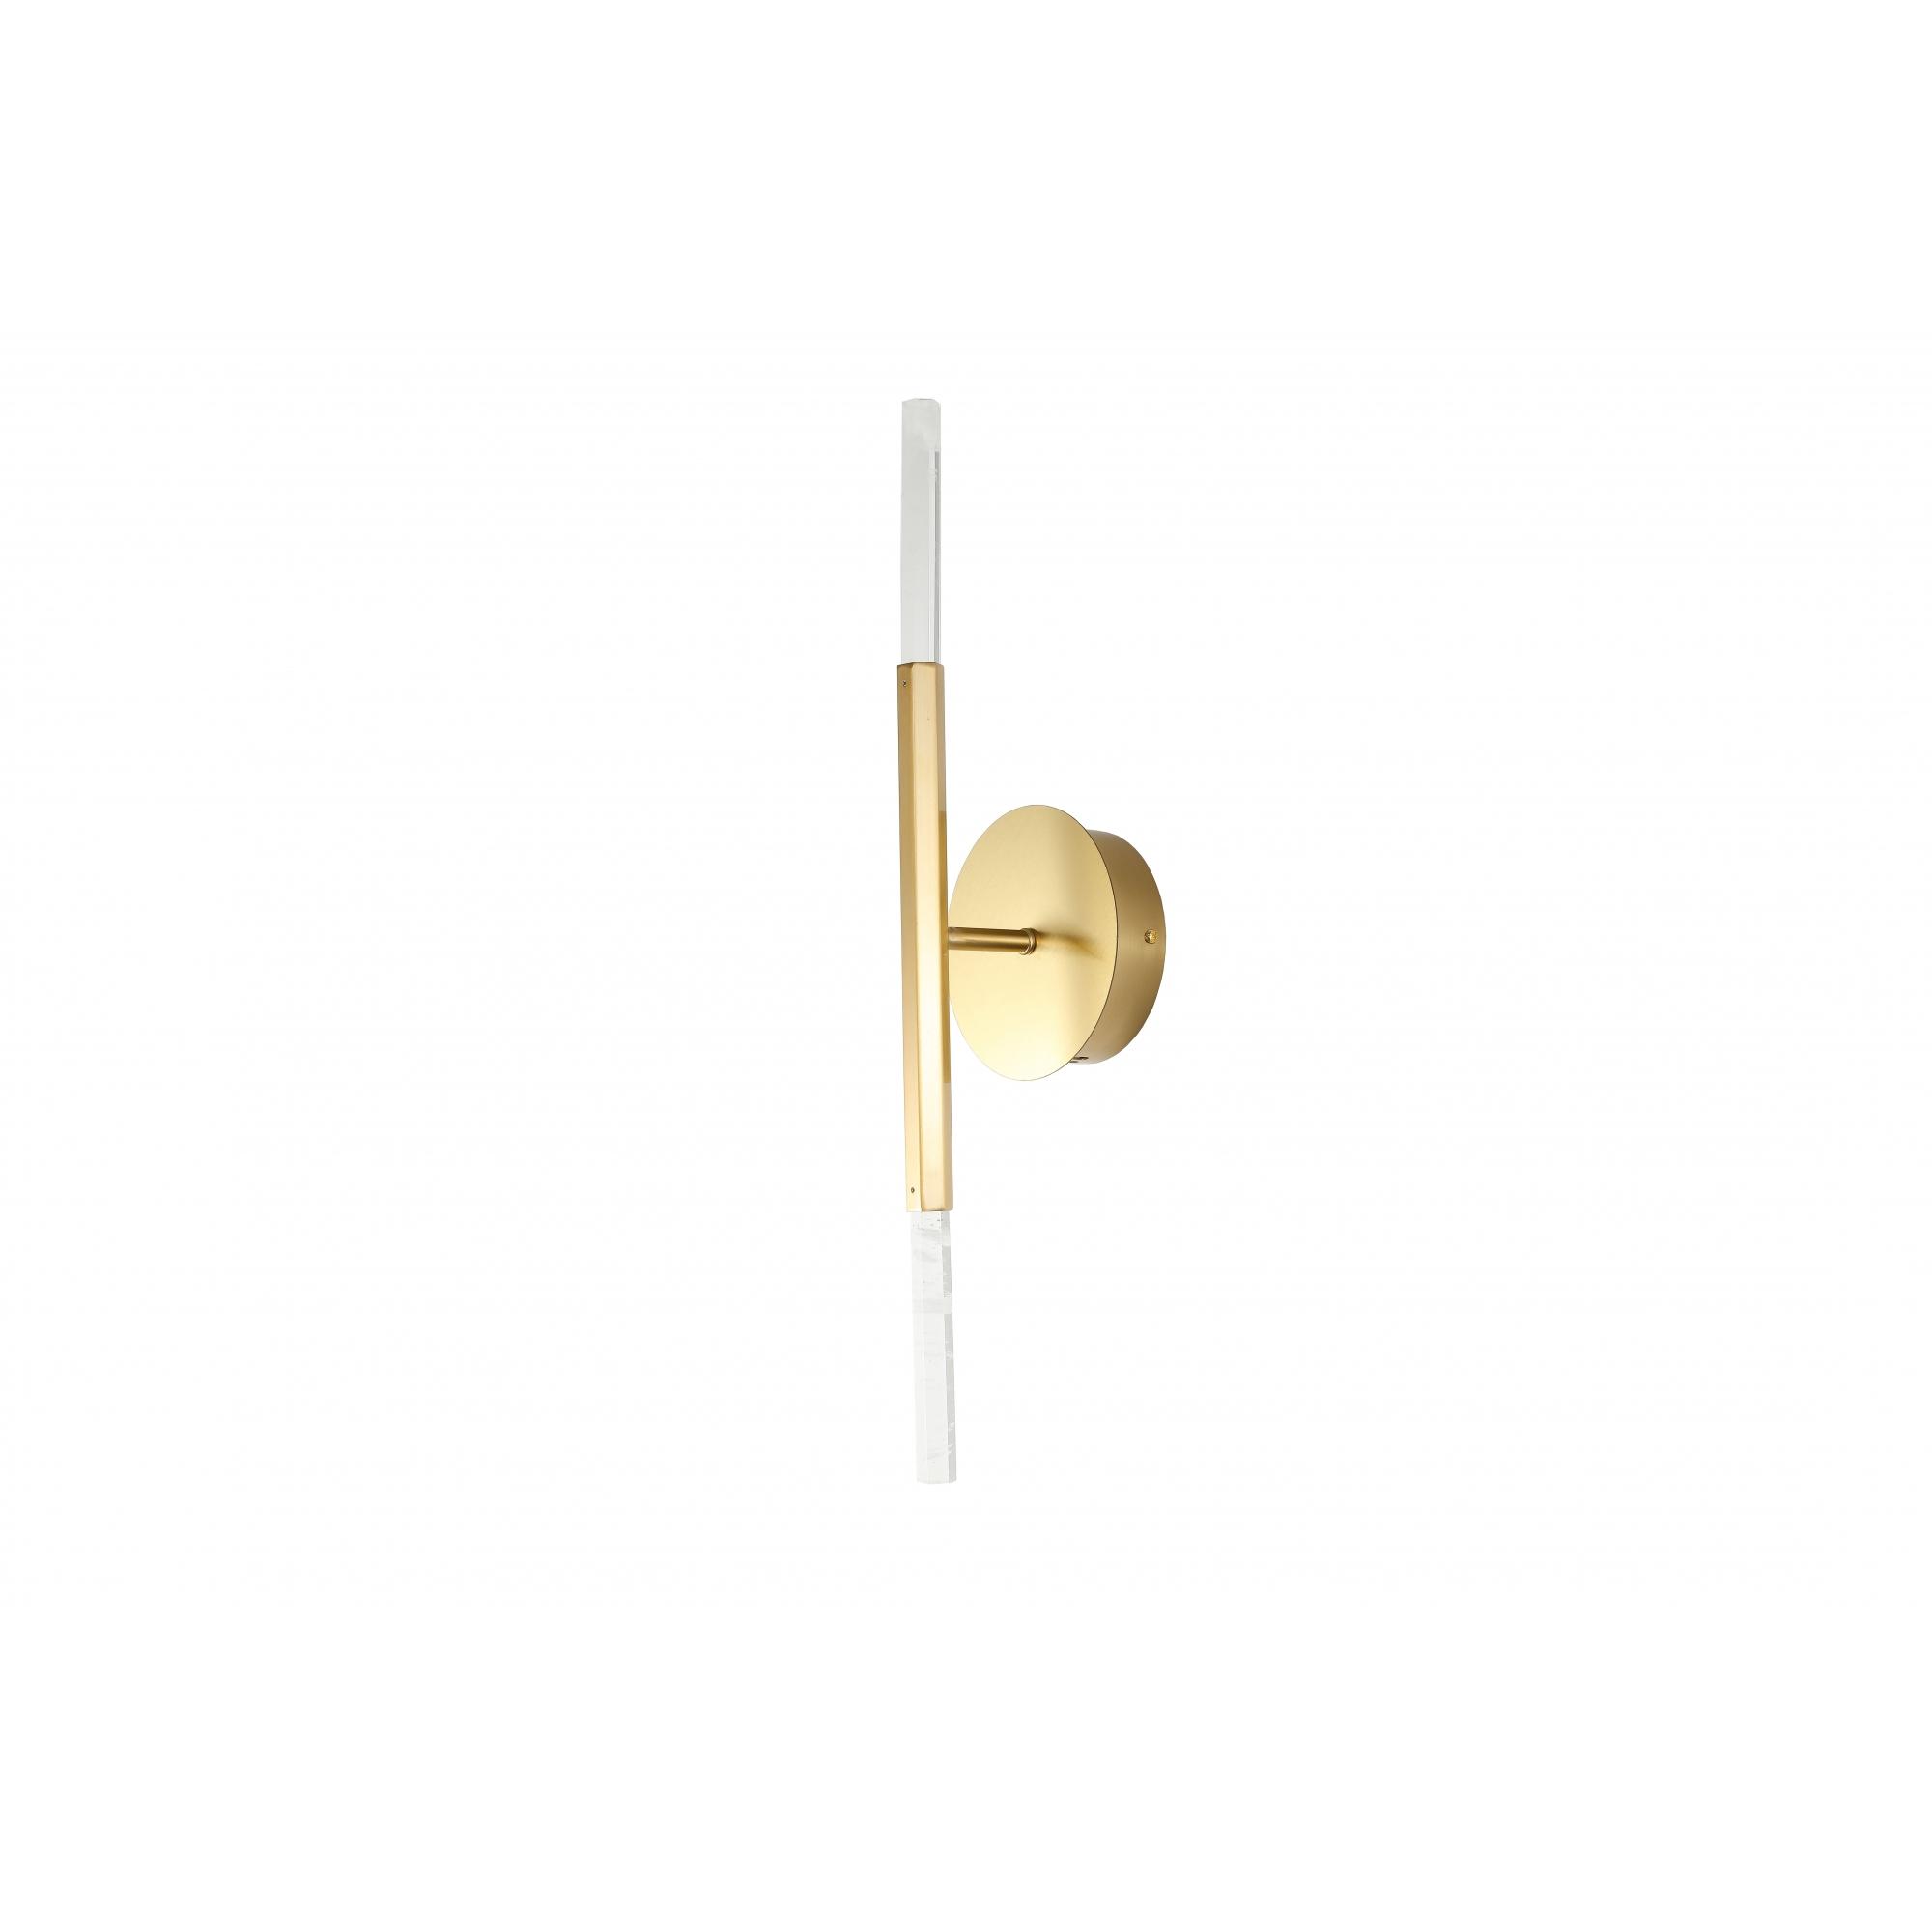 Arandela Pétra Dourado e Transparente 11x12x53cm 2xLed 6W Bivolt Bella Iluminação OC004M